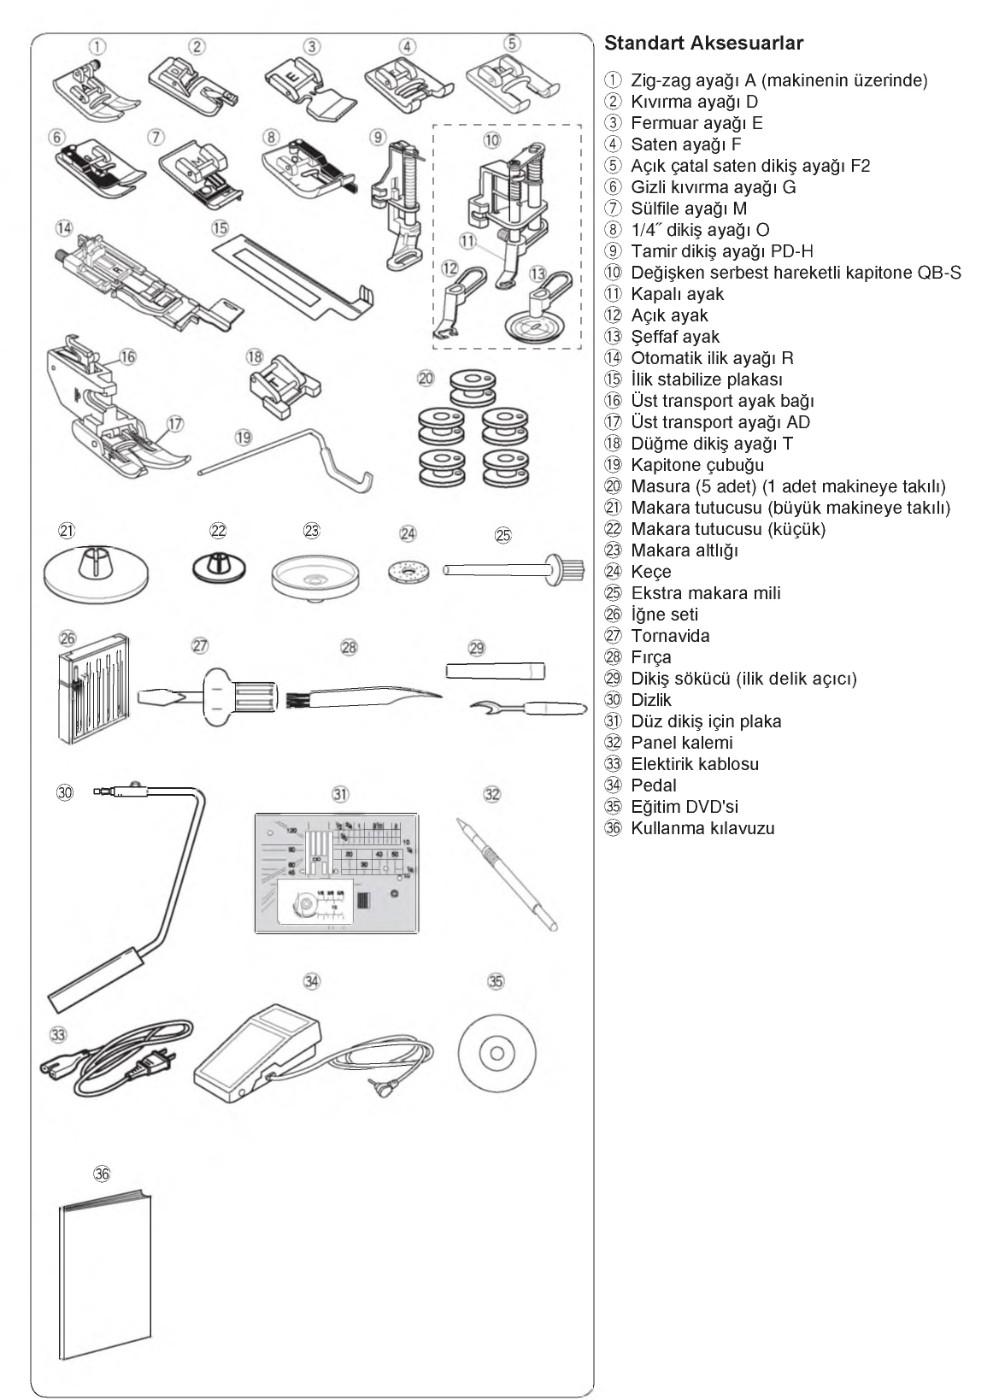 Janome MC 8200 Elektronik Dikiş, Nakış Makinasında Çıkan Parçalar